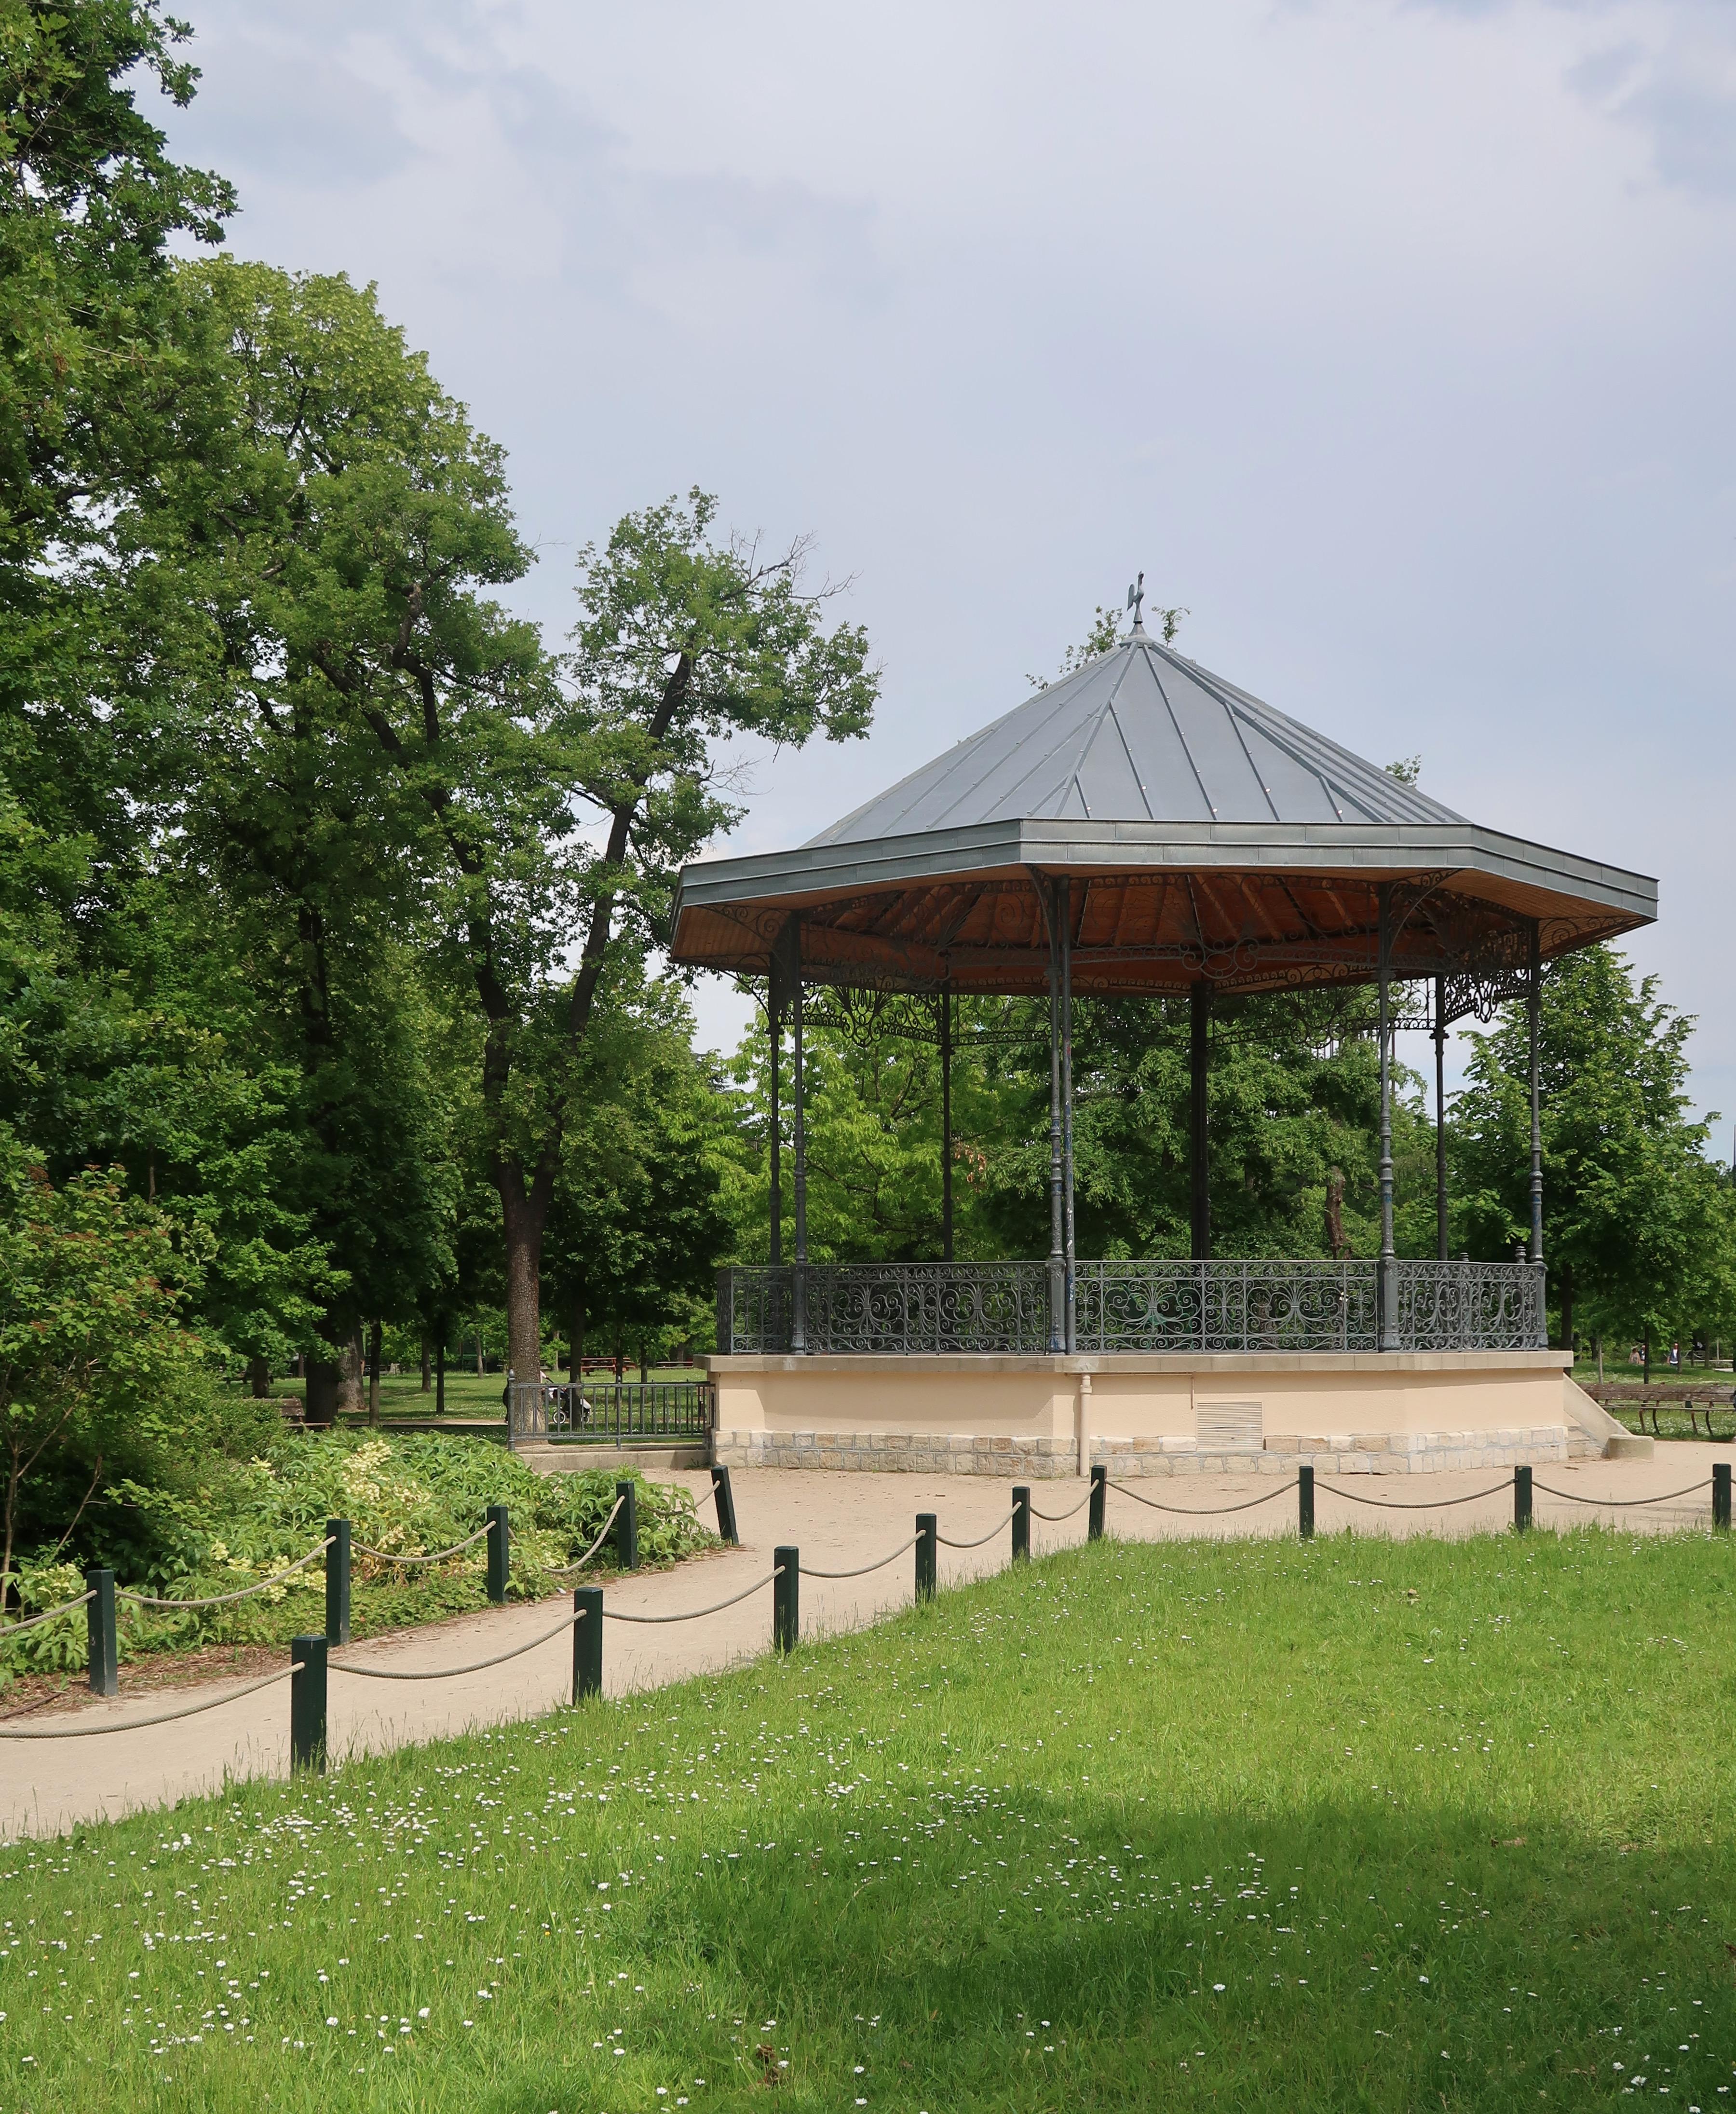 File:Jardin d'acclimatation, Paris 16e 5.jpg - Wikimedia Commons